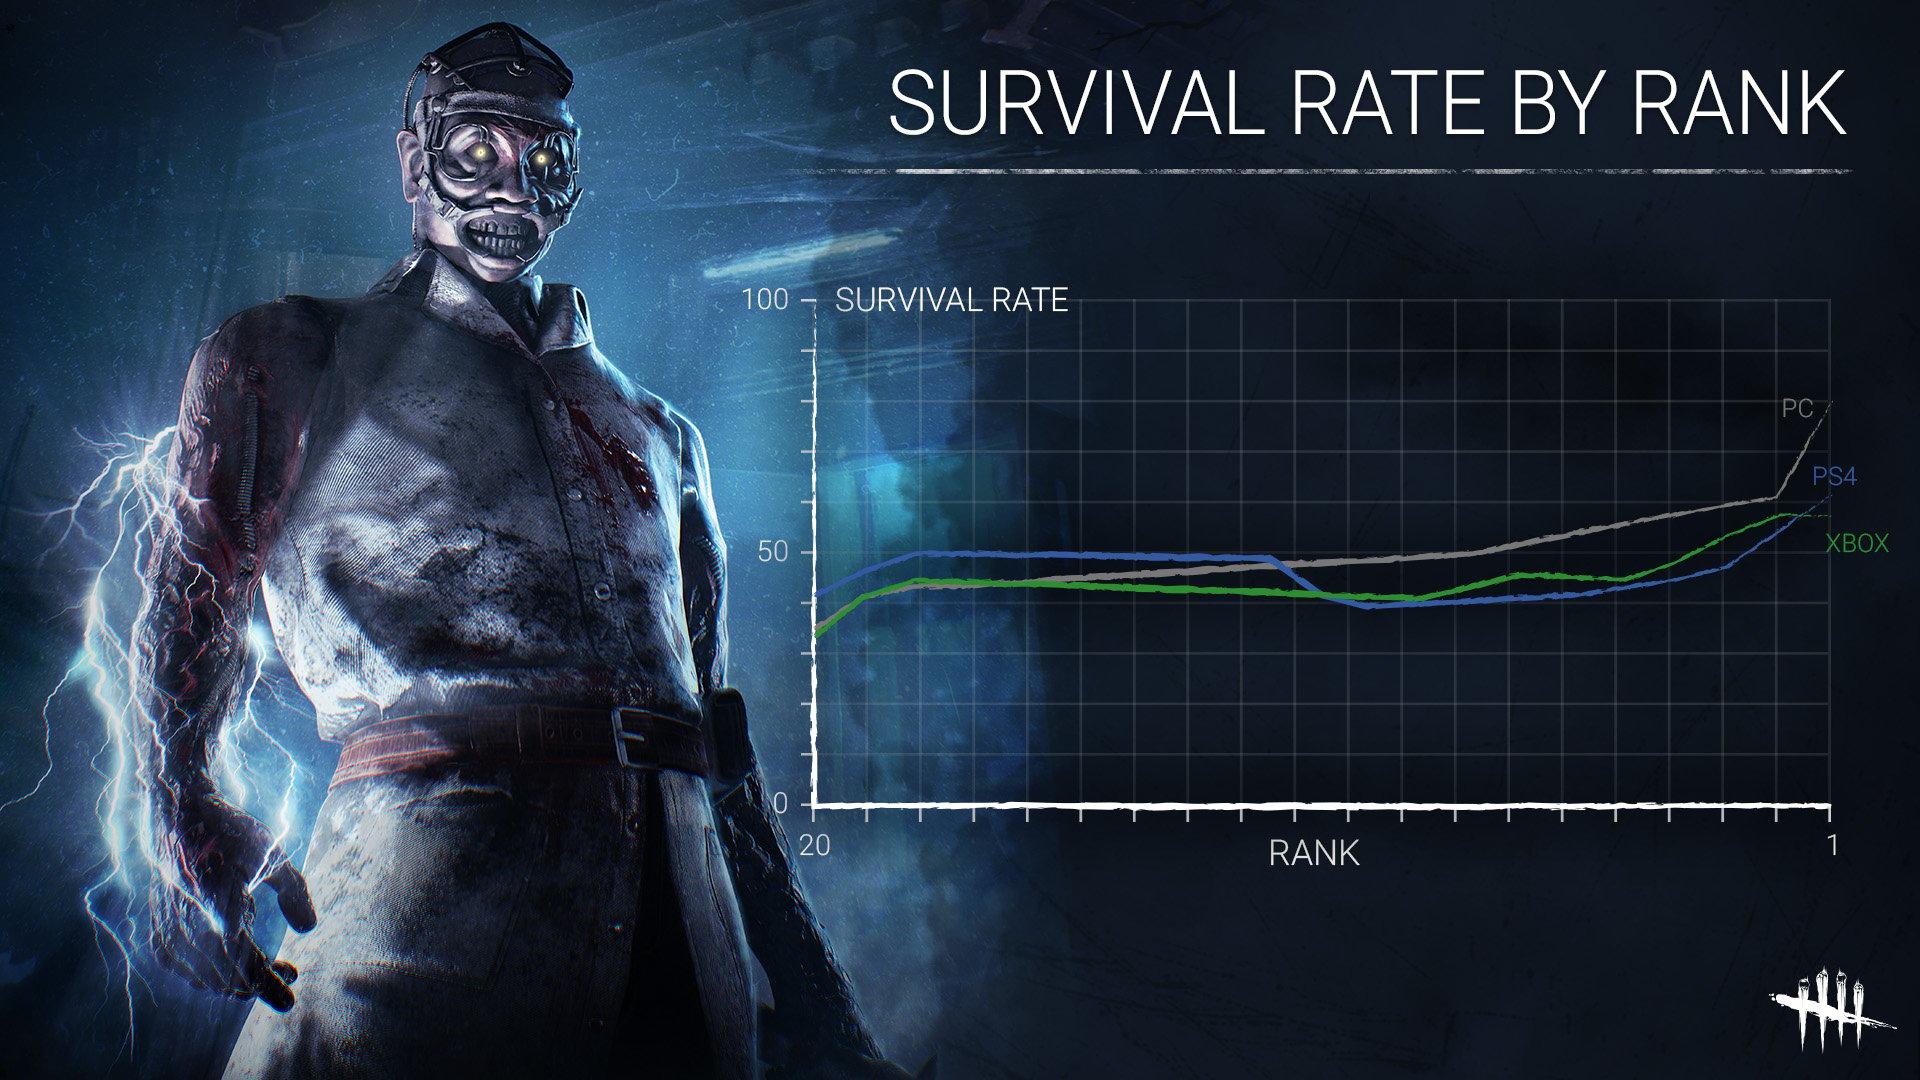 SURVIVAL_RATE.jpg